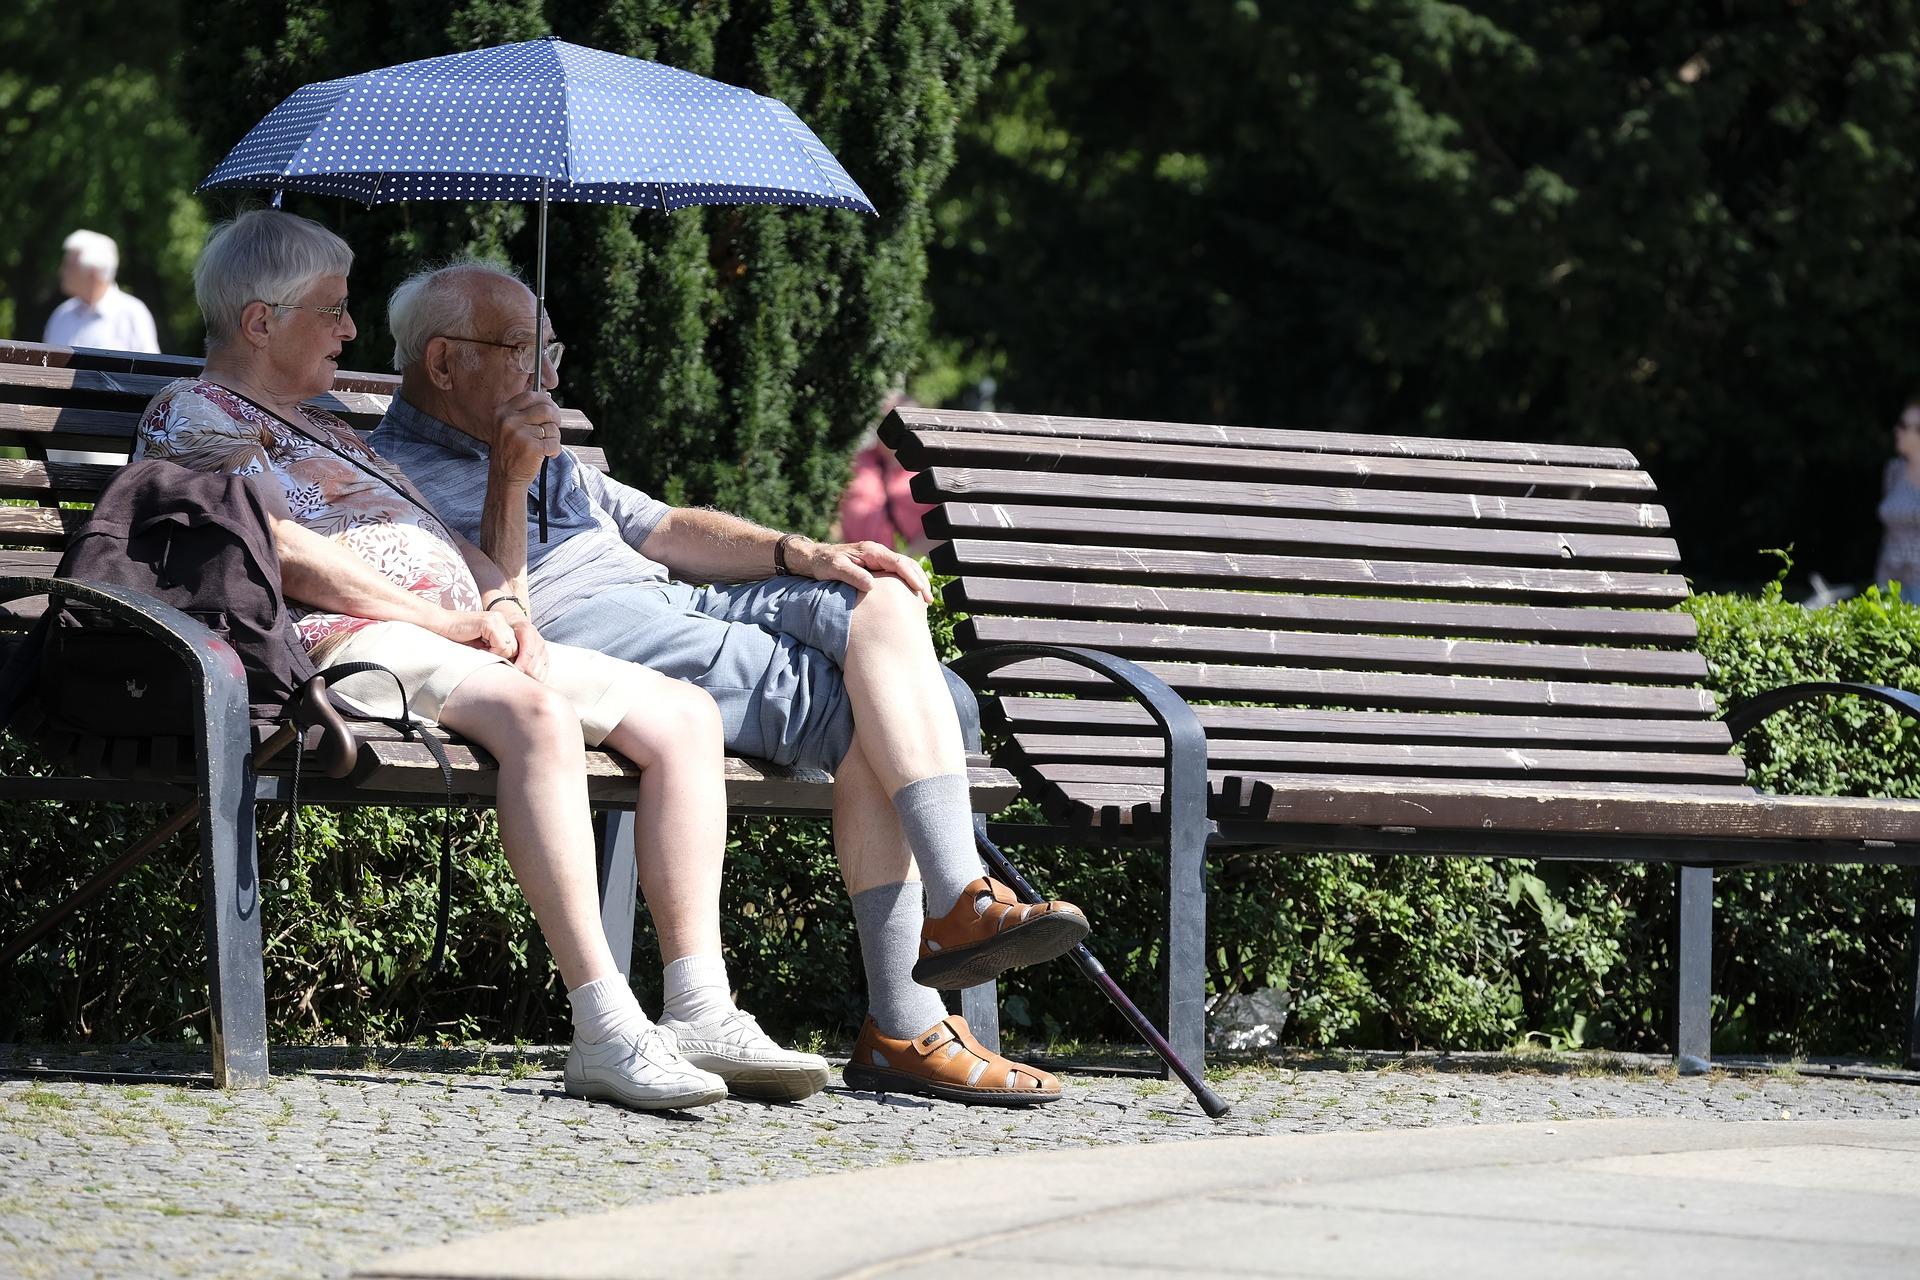 ベンチでくつろぐ老夫婦